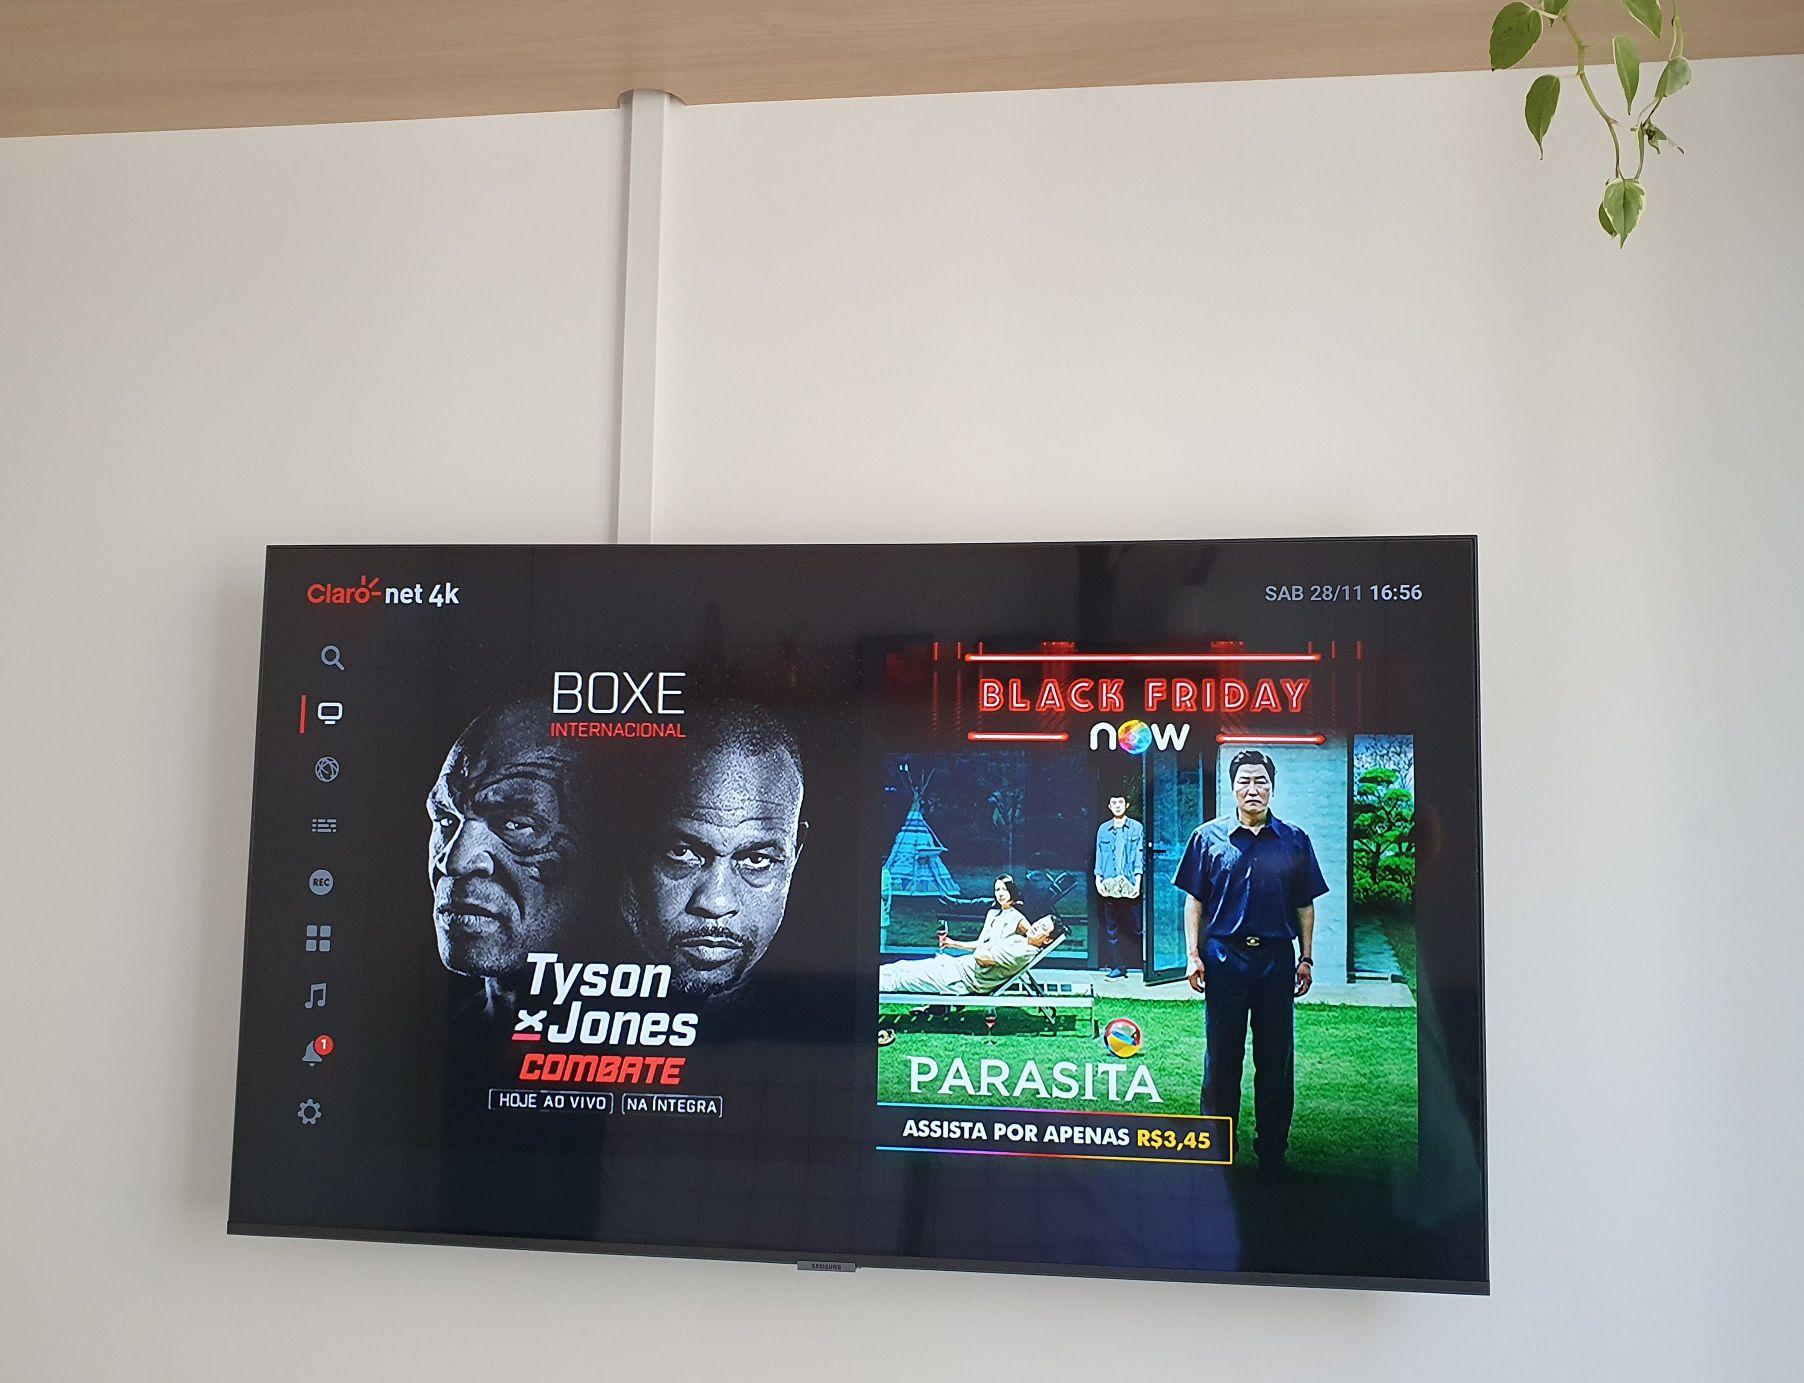 Instalação de TV em suporte de parede